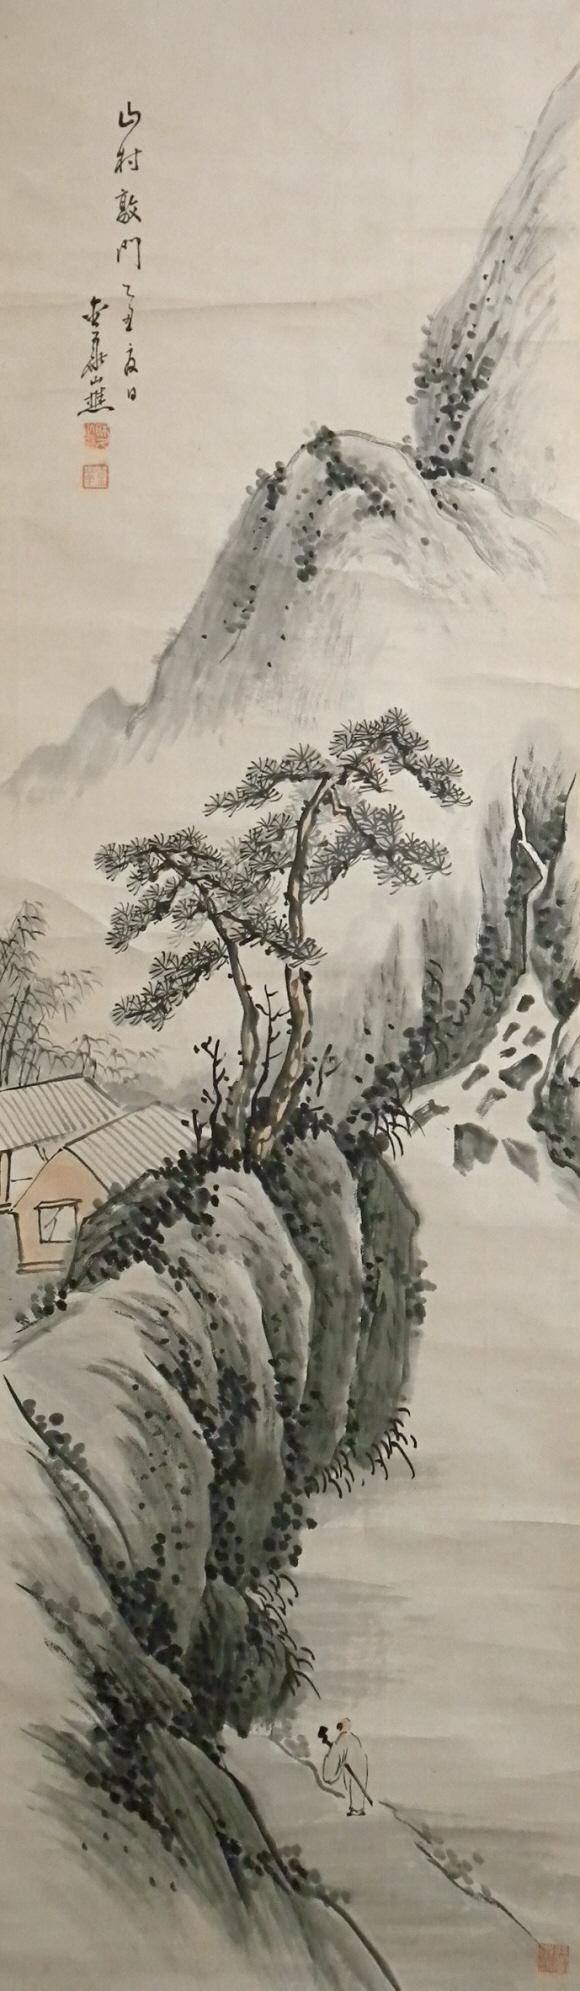 Japanese Landscape Drawing Suiboku Sansui Landscape View